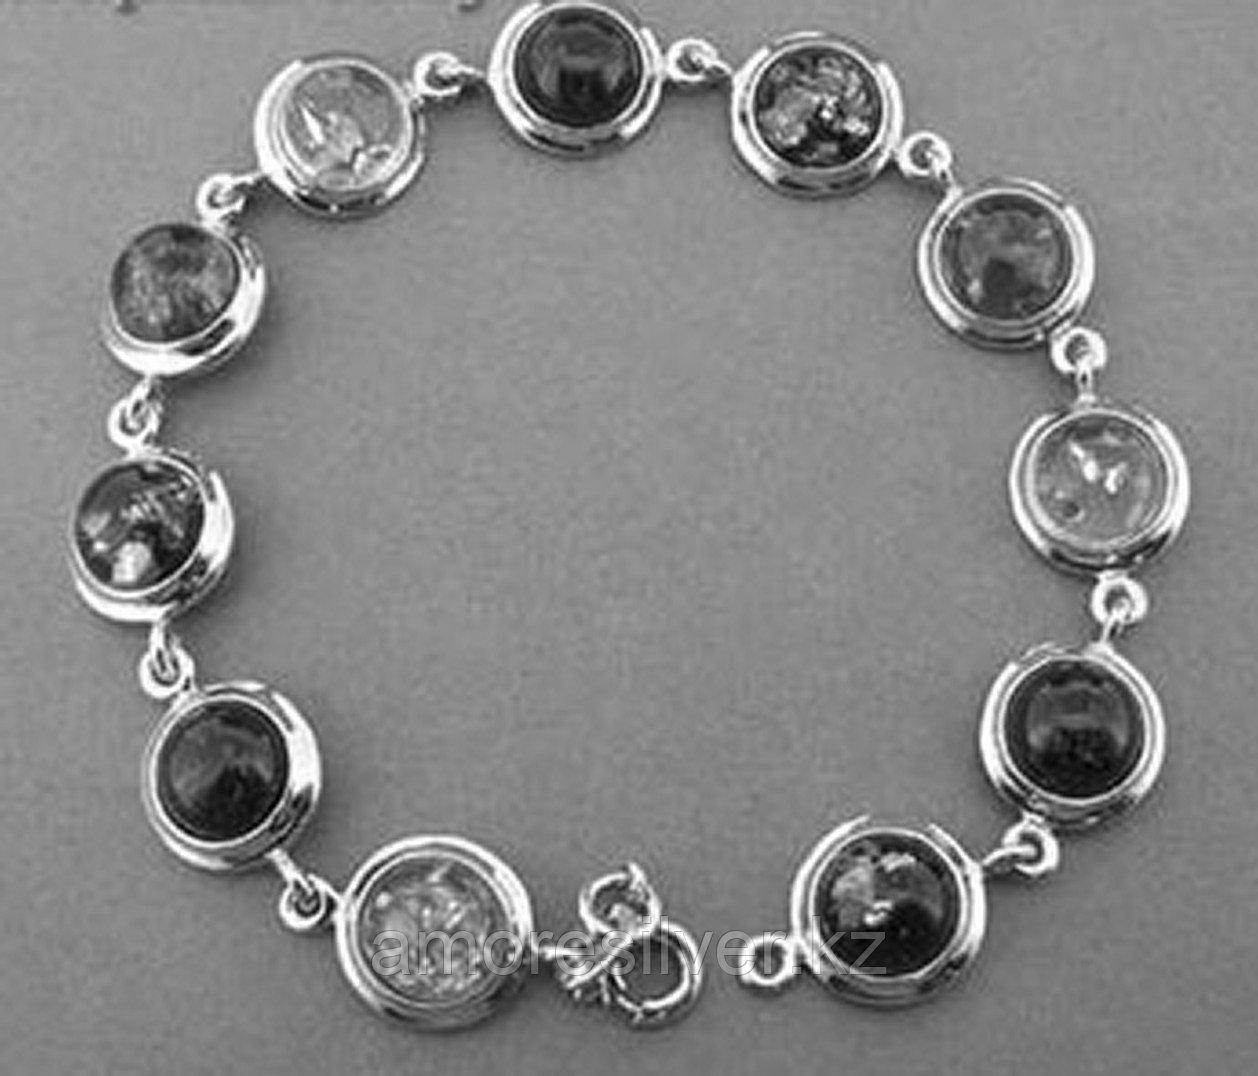 Браслет ЯНТАРНАЯ ЛАГУНА серебро с позолотой, янтарь микс, круг 4LB073 размеры - 18,5 20